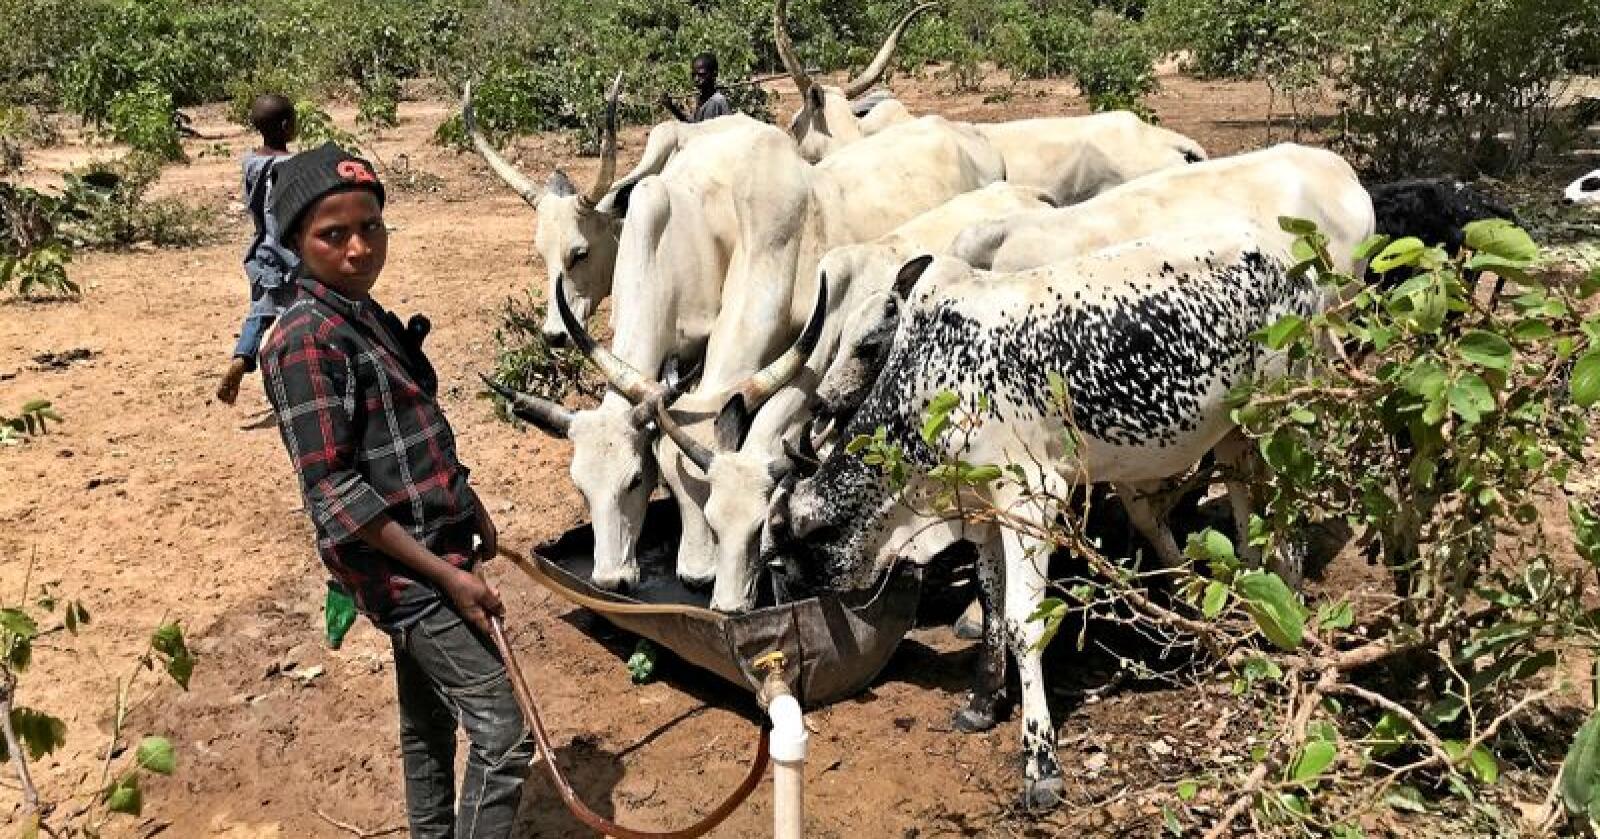 Ifølge Arla skal regjering gi 1000 bønder egen jord, samt utbedre veier, strømnett og vanntilgang. Foto: Arla Foods